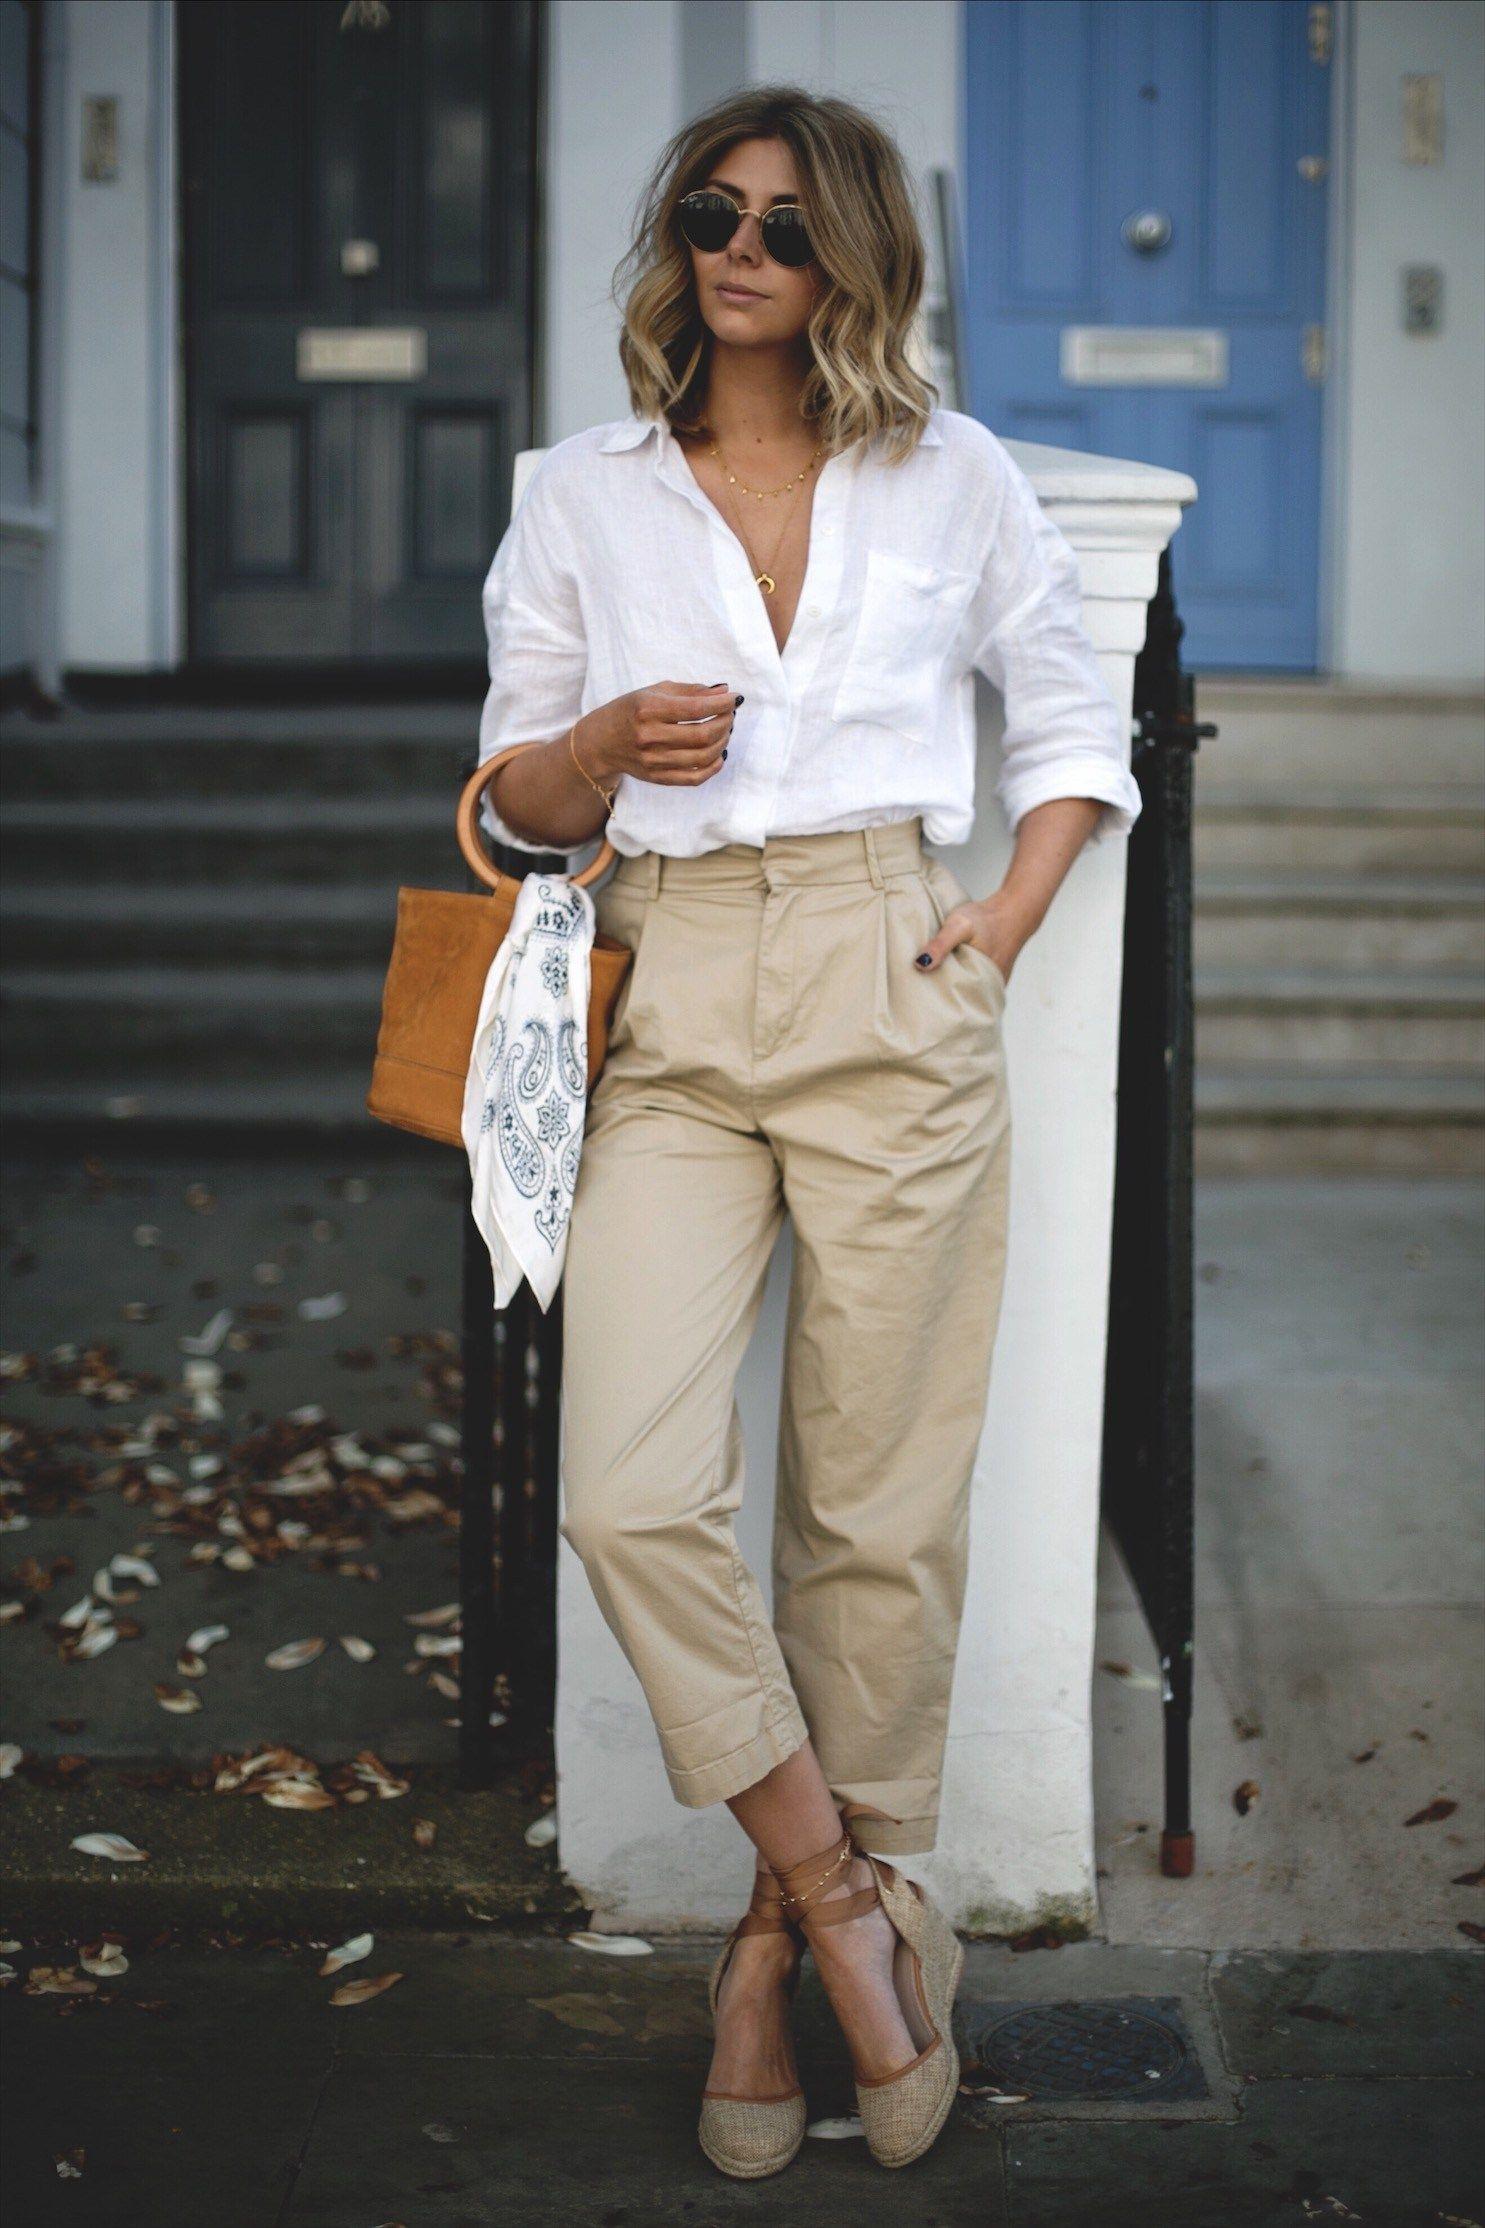 áo sơ mi trắng dáng cơ bản